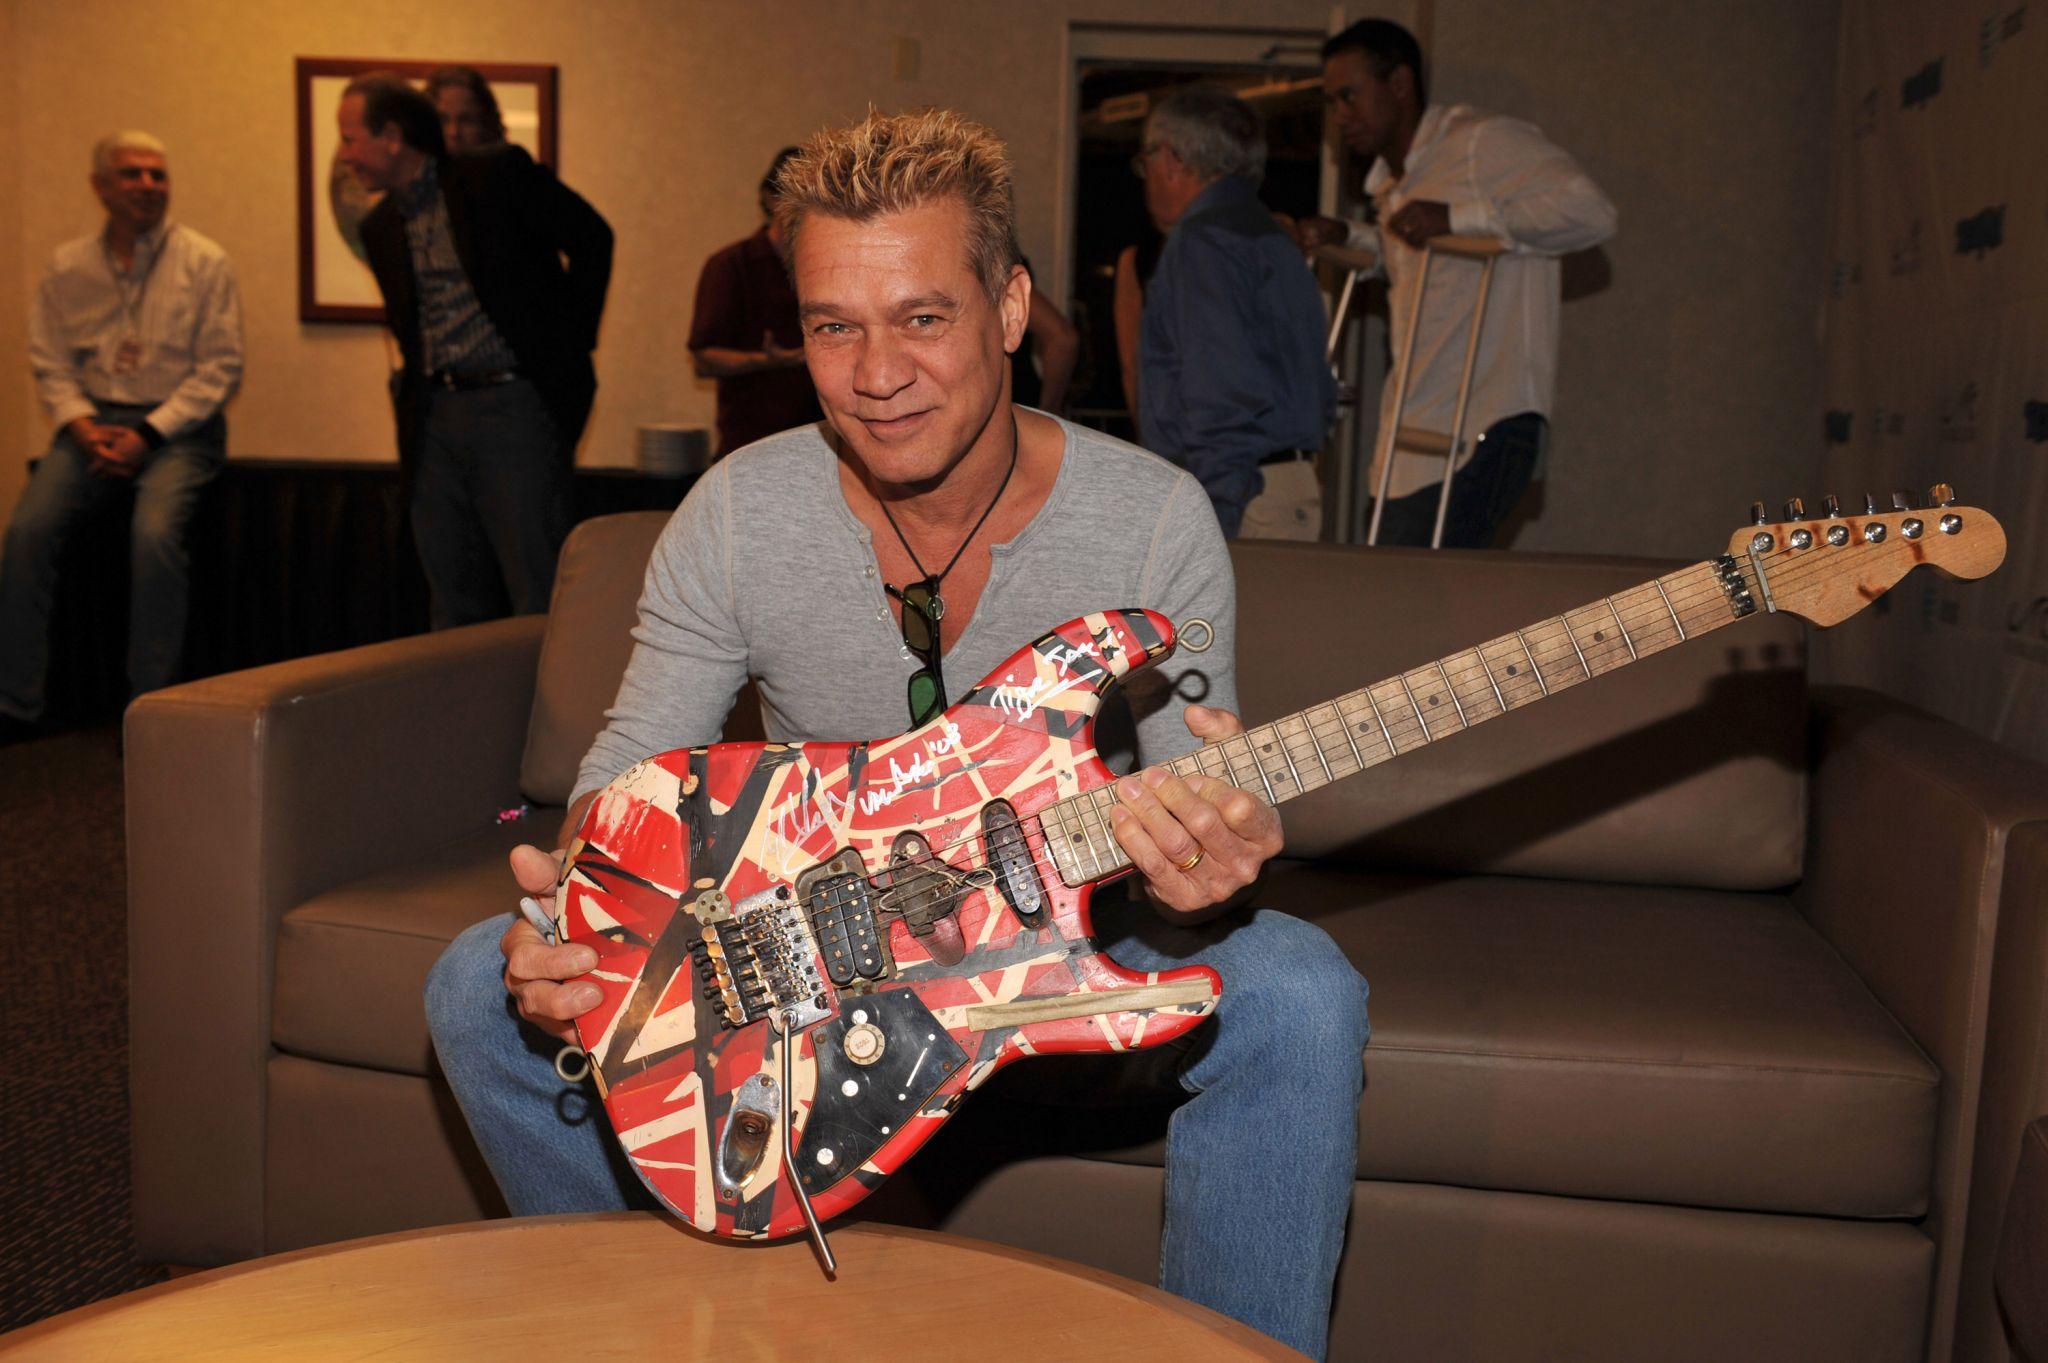 Police: Eddie Van Halen's $100K guitar stolen from San Antonio's Hard Rock Cafe